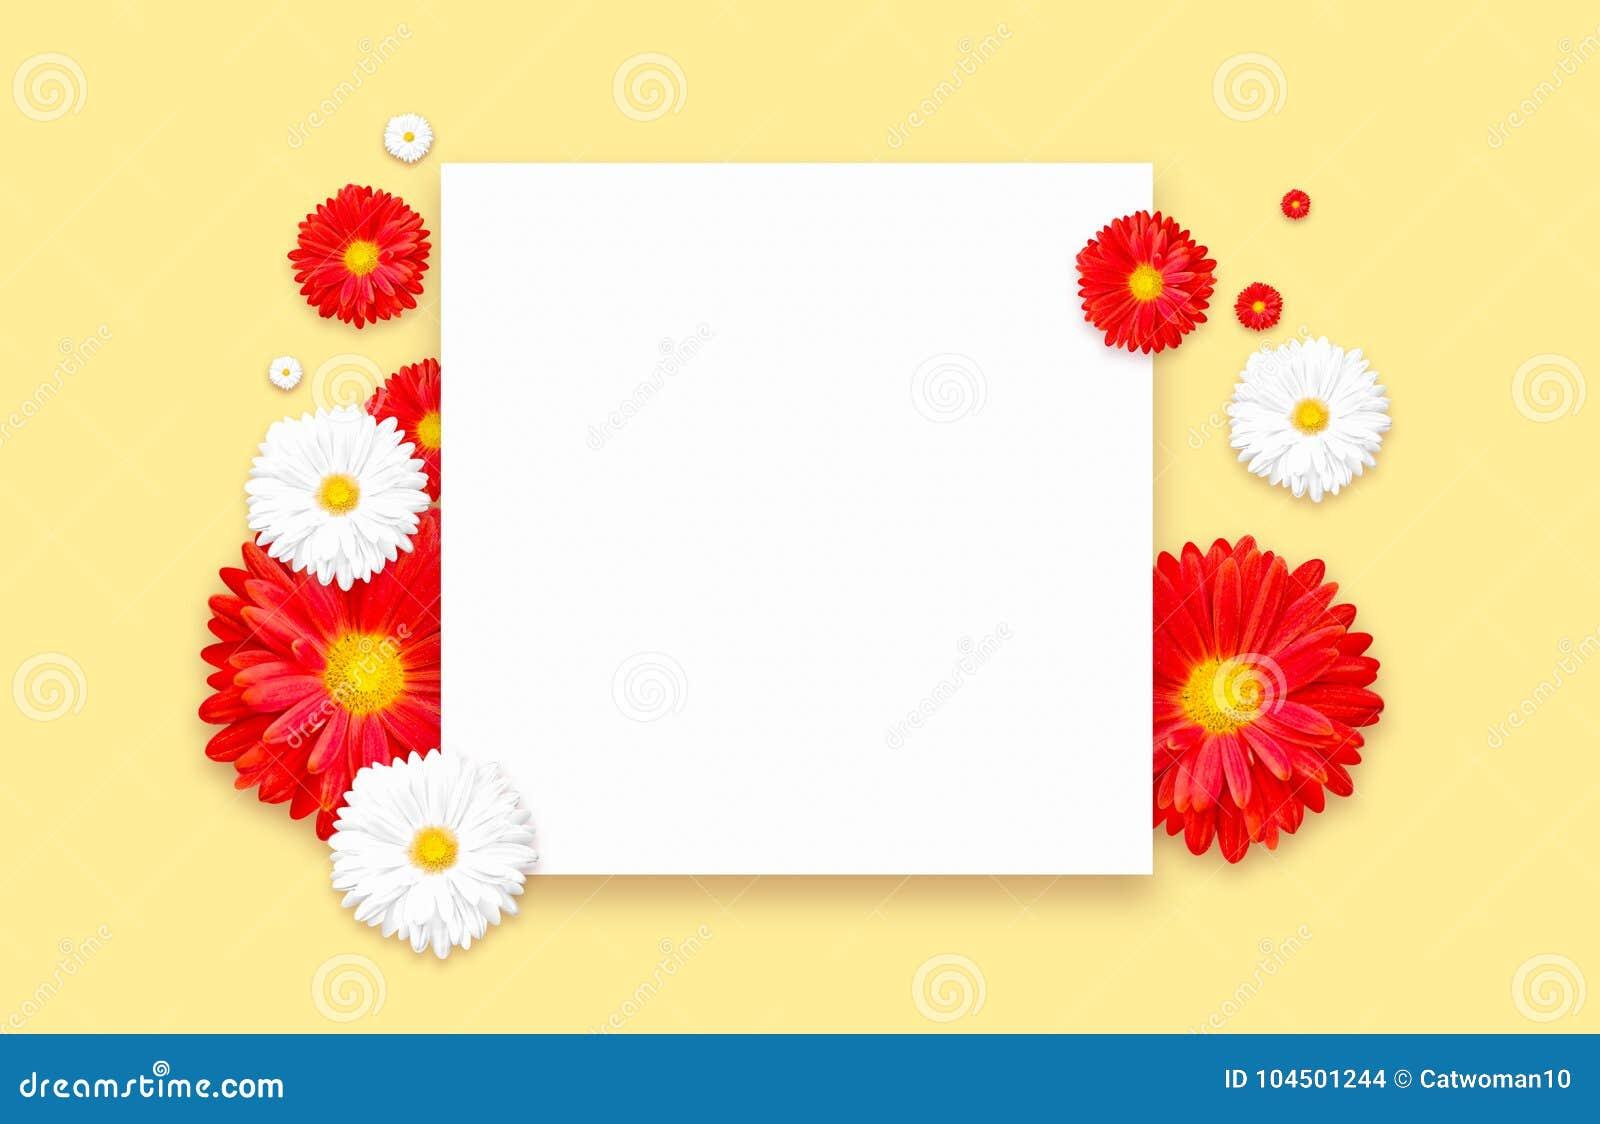 Hintergrund mit schöner bunter Blume Tapezieren Sie Flieger, Einladung, Poster, Broschüre, Belegrabatt